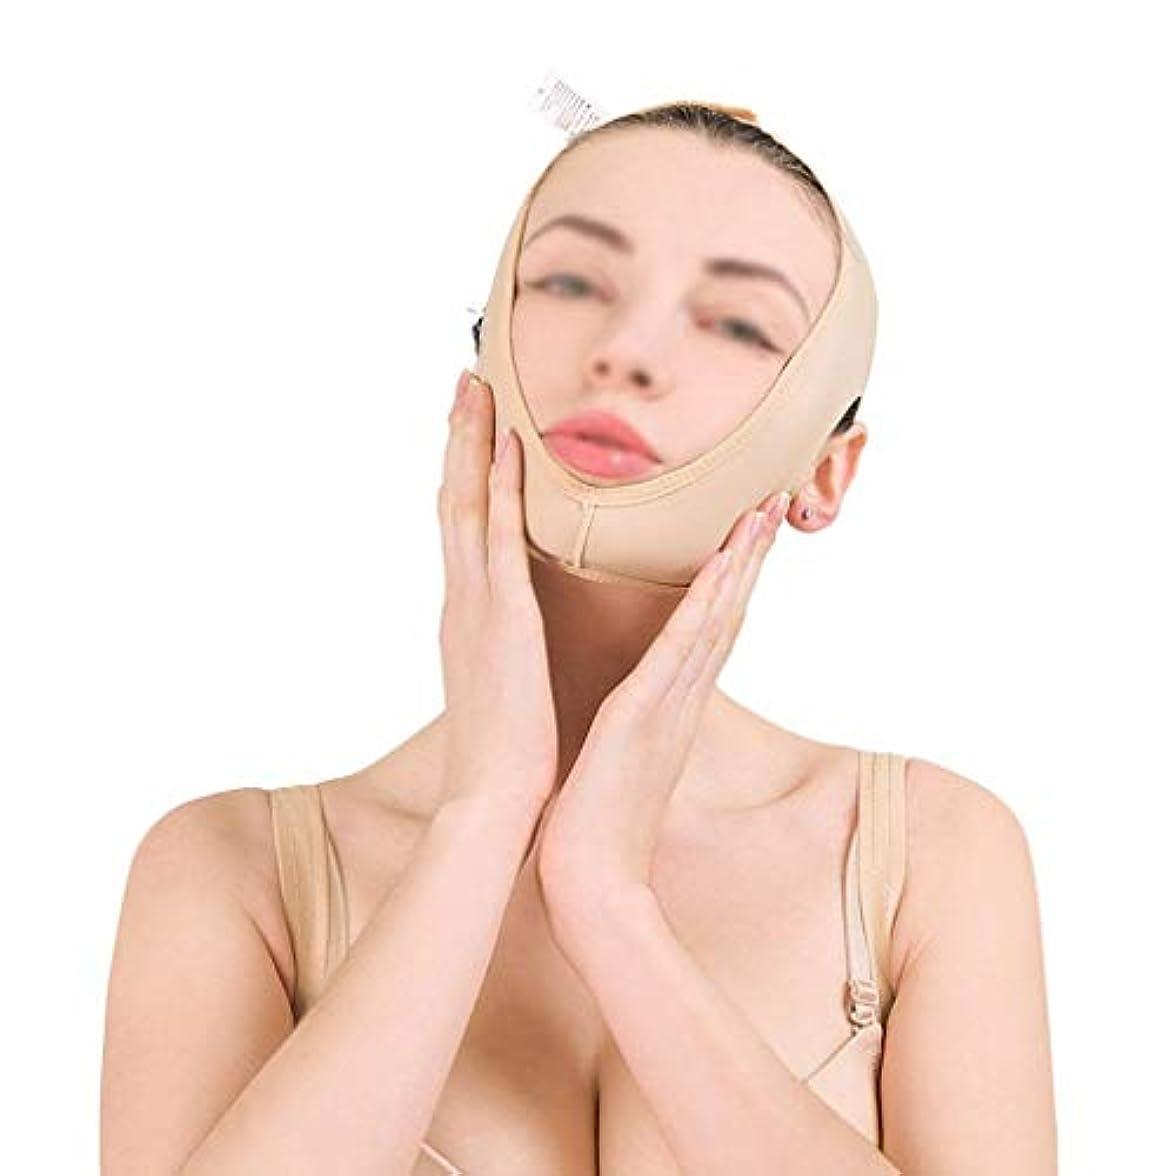 つかいます移行するグリップマスク減量、肌の包帯を引き締めるリフティングフェイスバンド、フェイスリフティング、ダブルチンビューティバンデージ、フェイスリフト(サイズ:L),XL